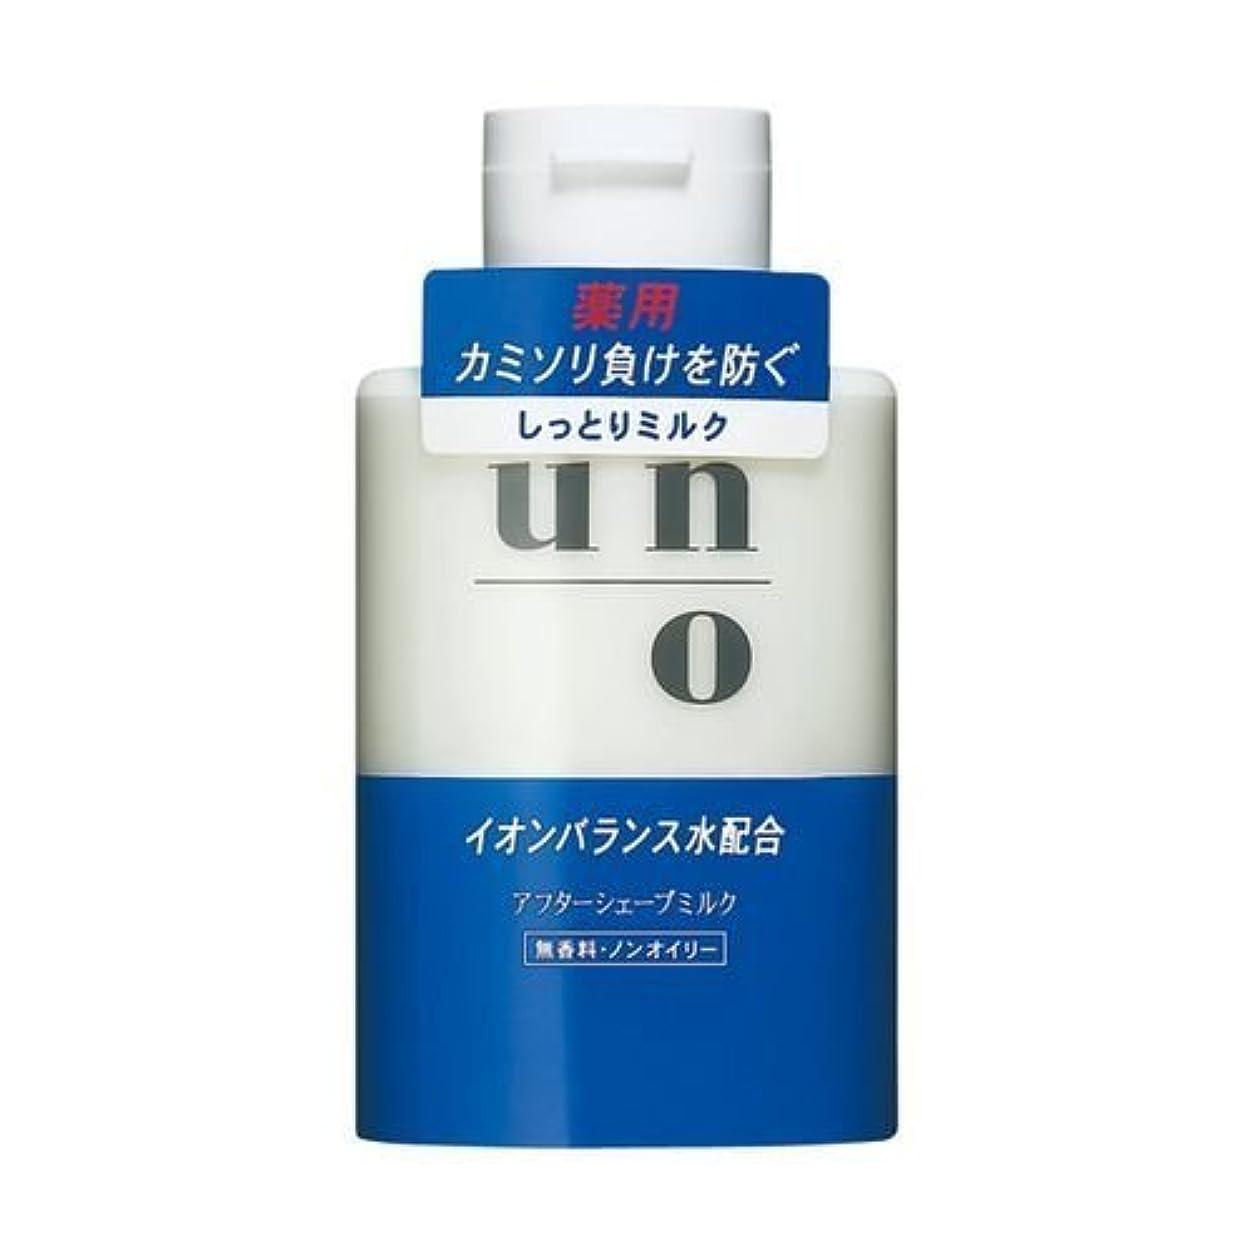 第二に運河ベンチ資生堂 ウーノ 薬用アフターシェーブミルク 160ml